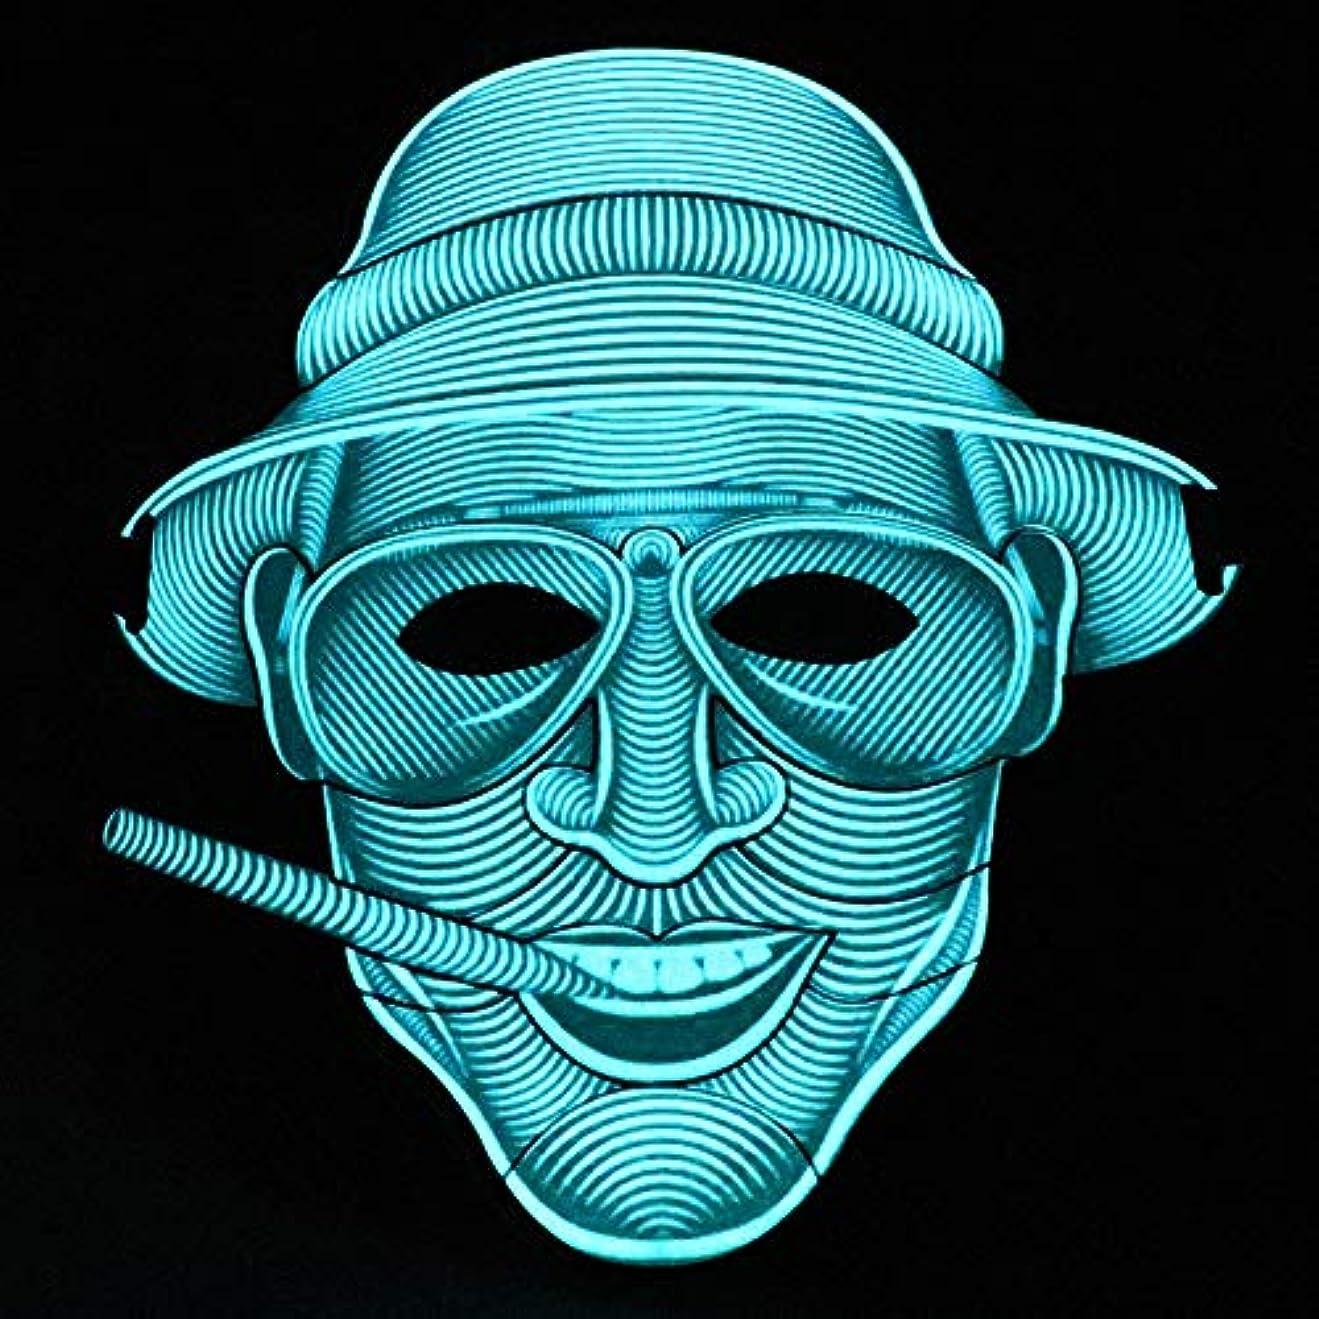 密接に怒ってもう一度照らされたマスクLED創造的な冷光音響制御マスクハロウィンバーフェスティバルダンスマスク (Color : #12)